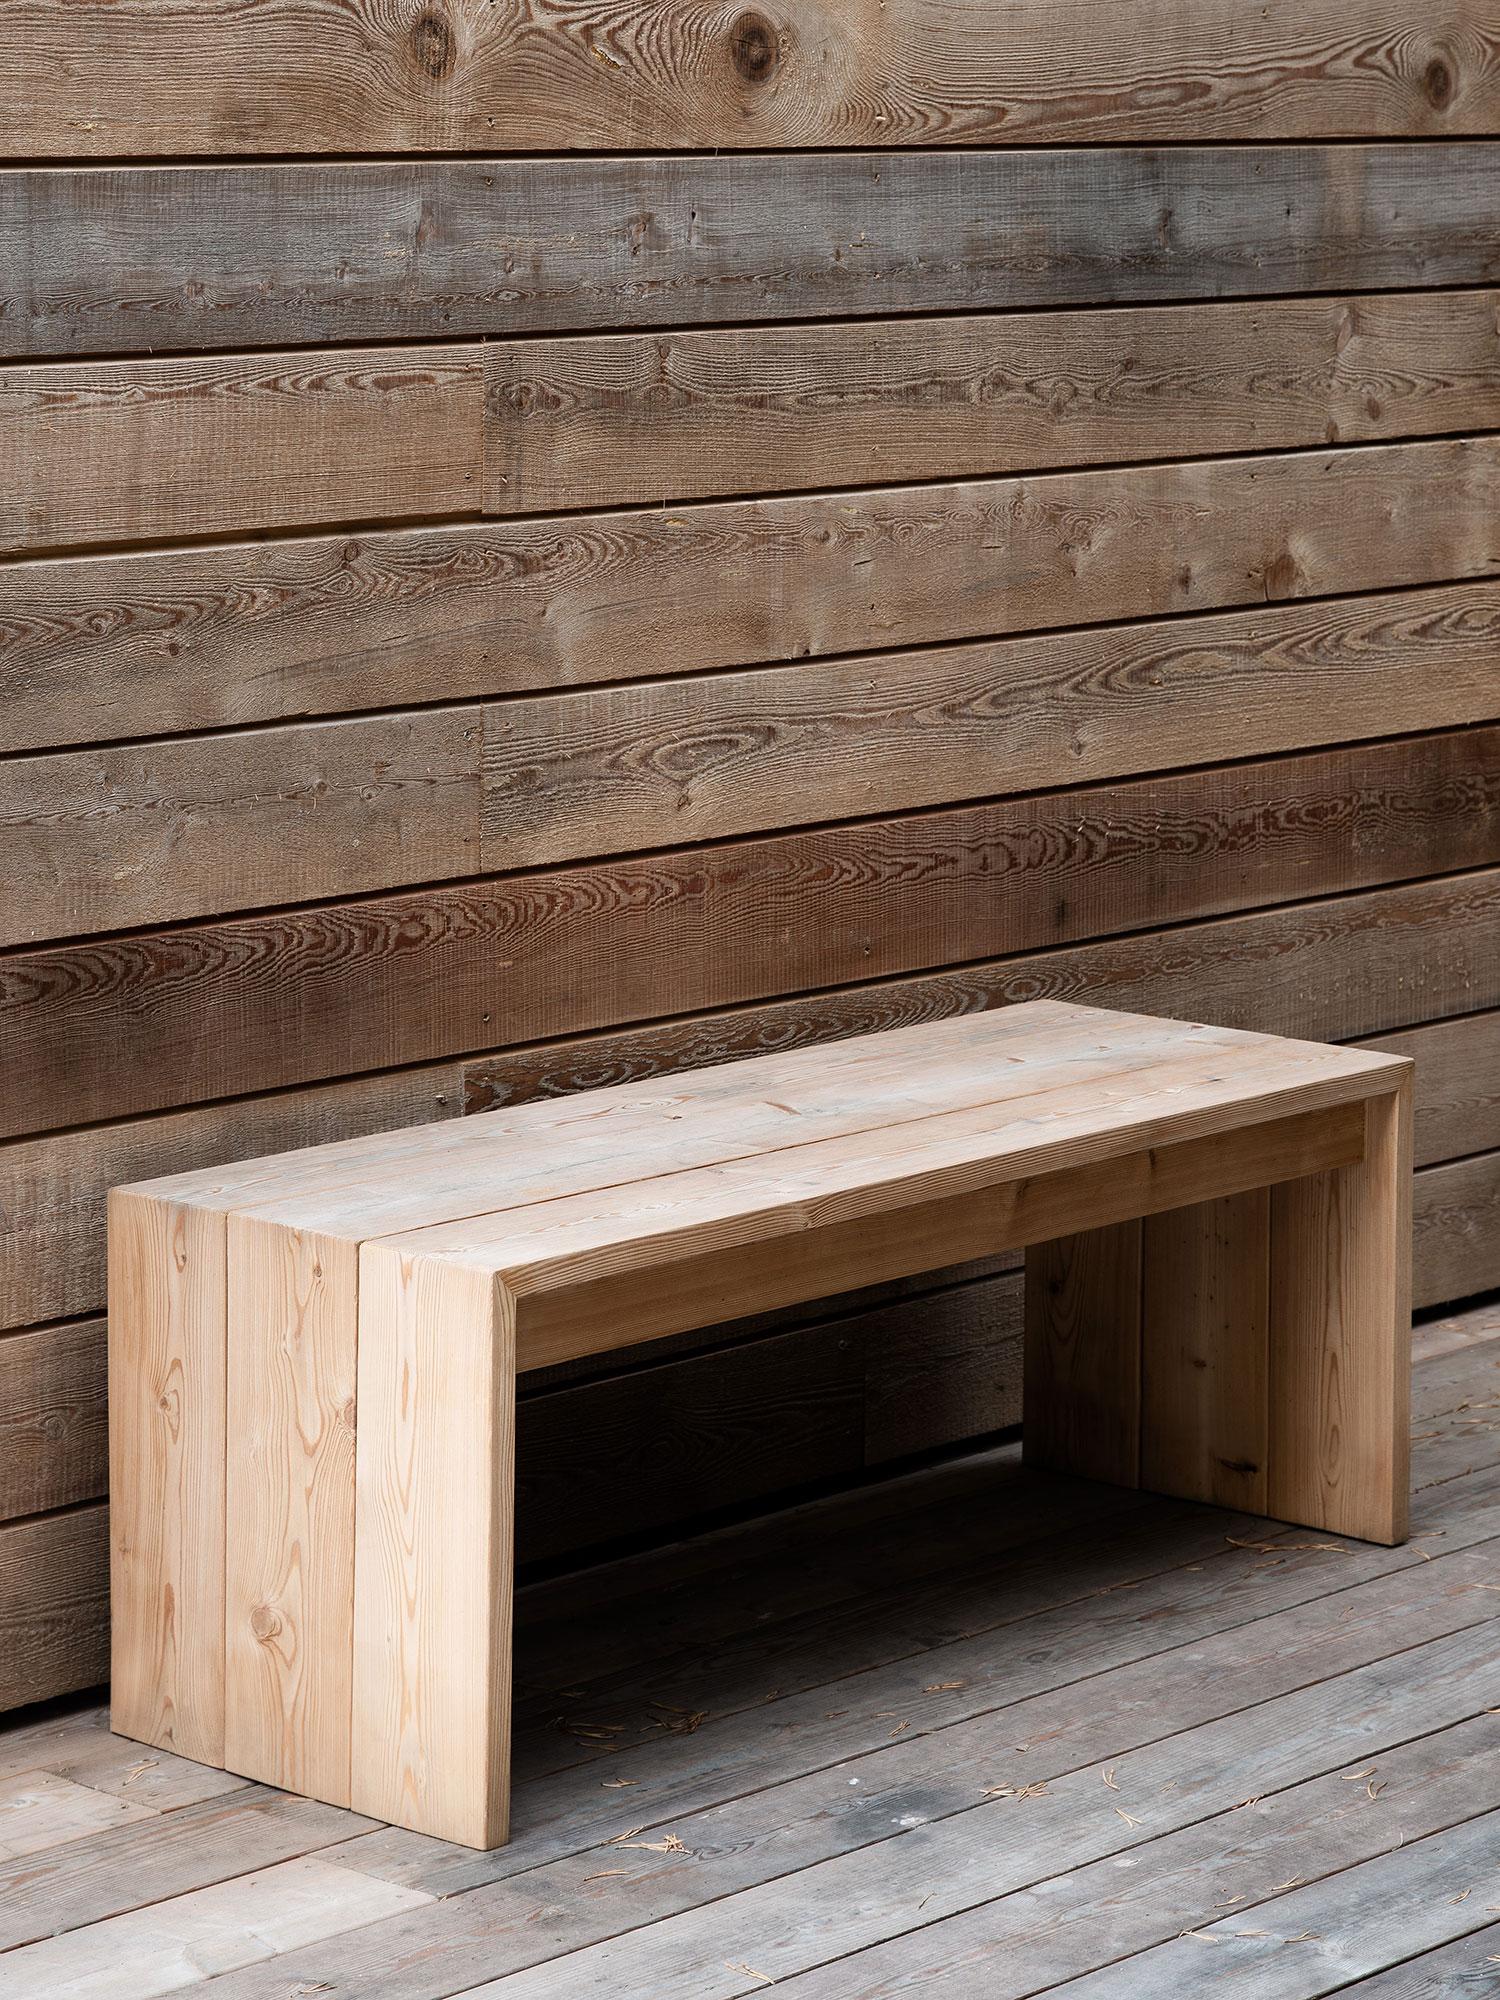 villinki-bench-9.jpg